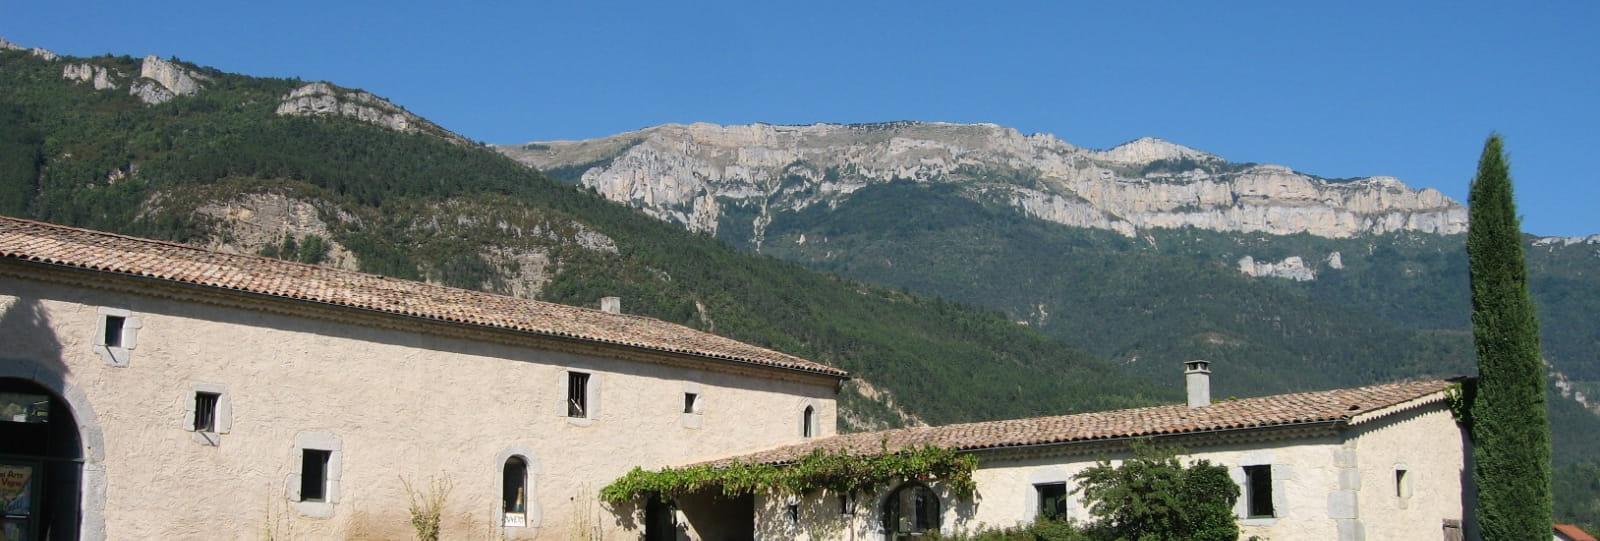 Domaine de Maupas Winery - Cave Jérôme Cayol